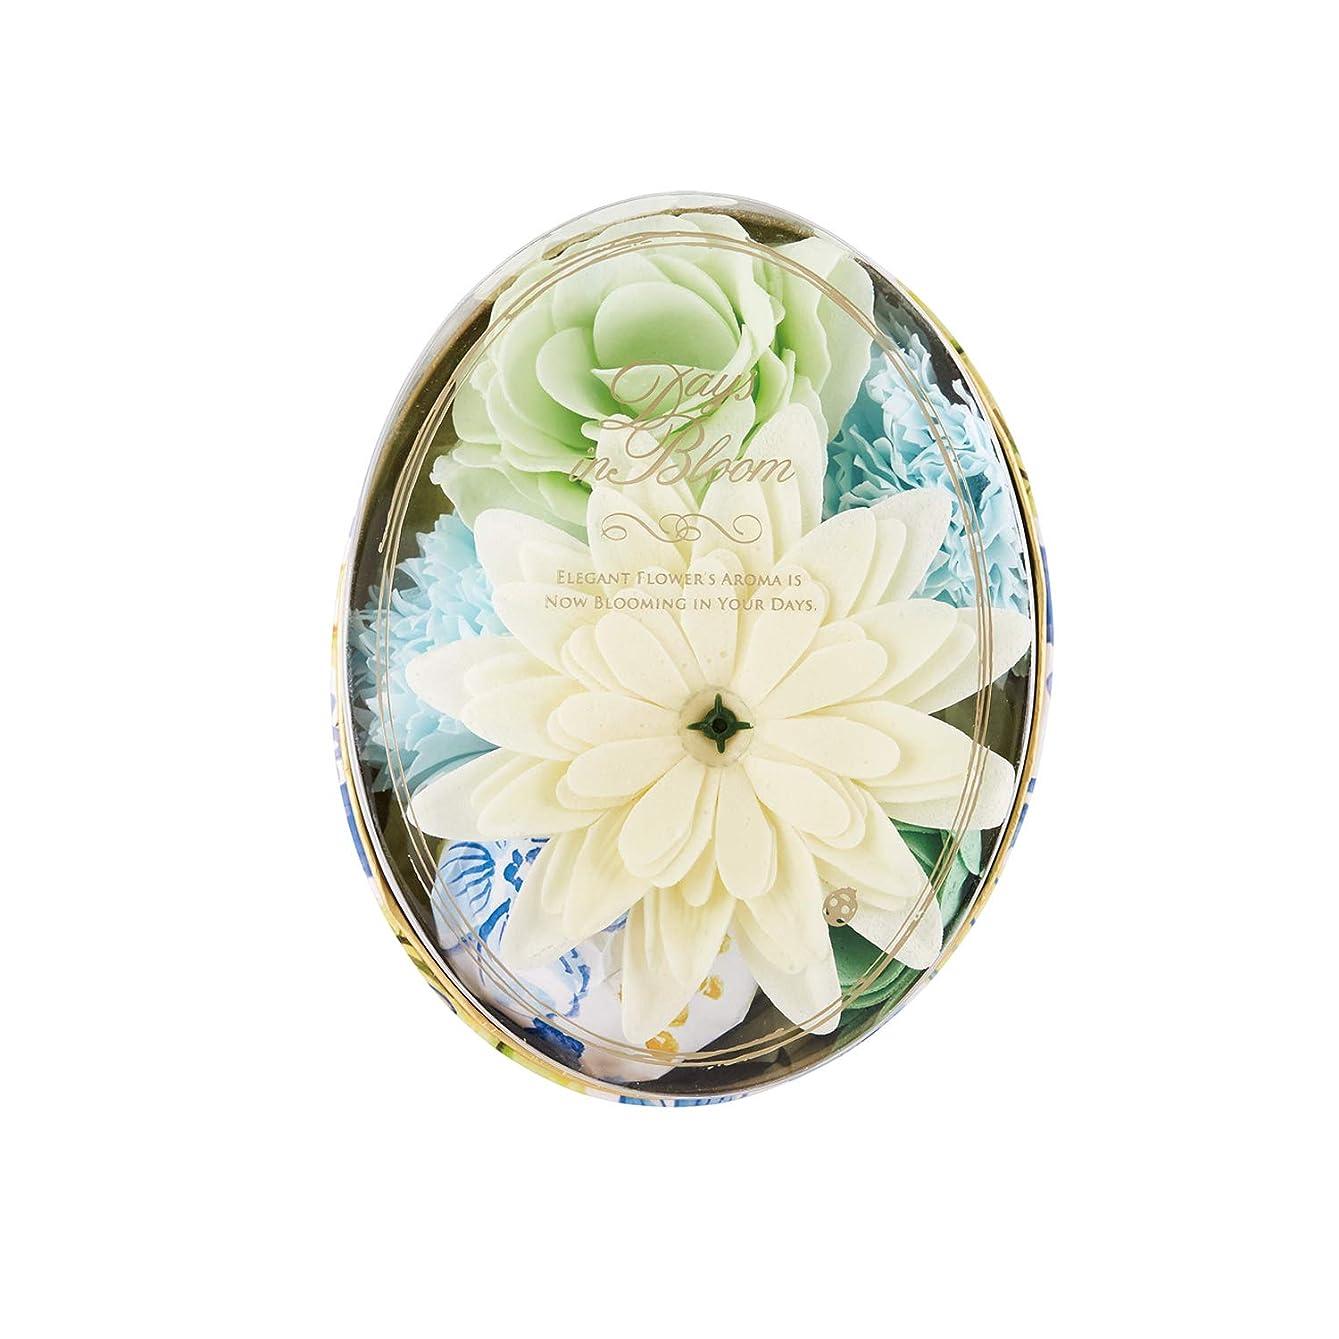 製品限りなく性交デイズインブルーム バスセットオーバル ガーデニア (入浴料 お花の形のバスギフト)